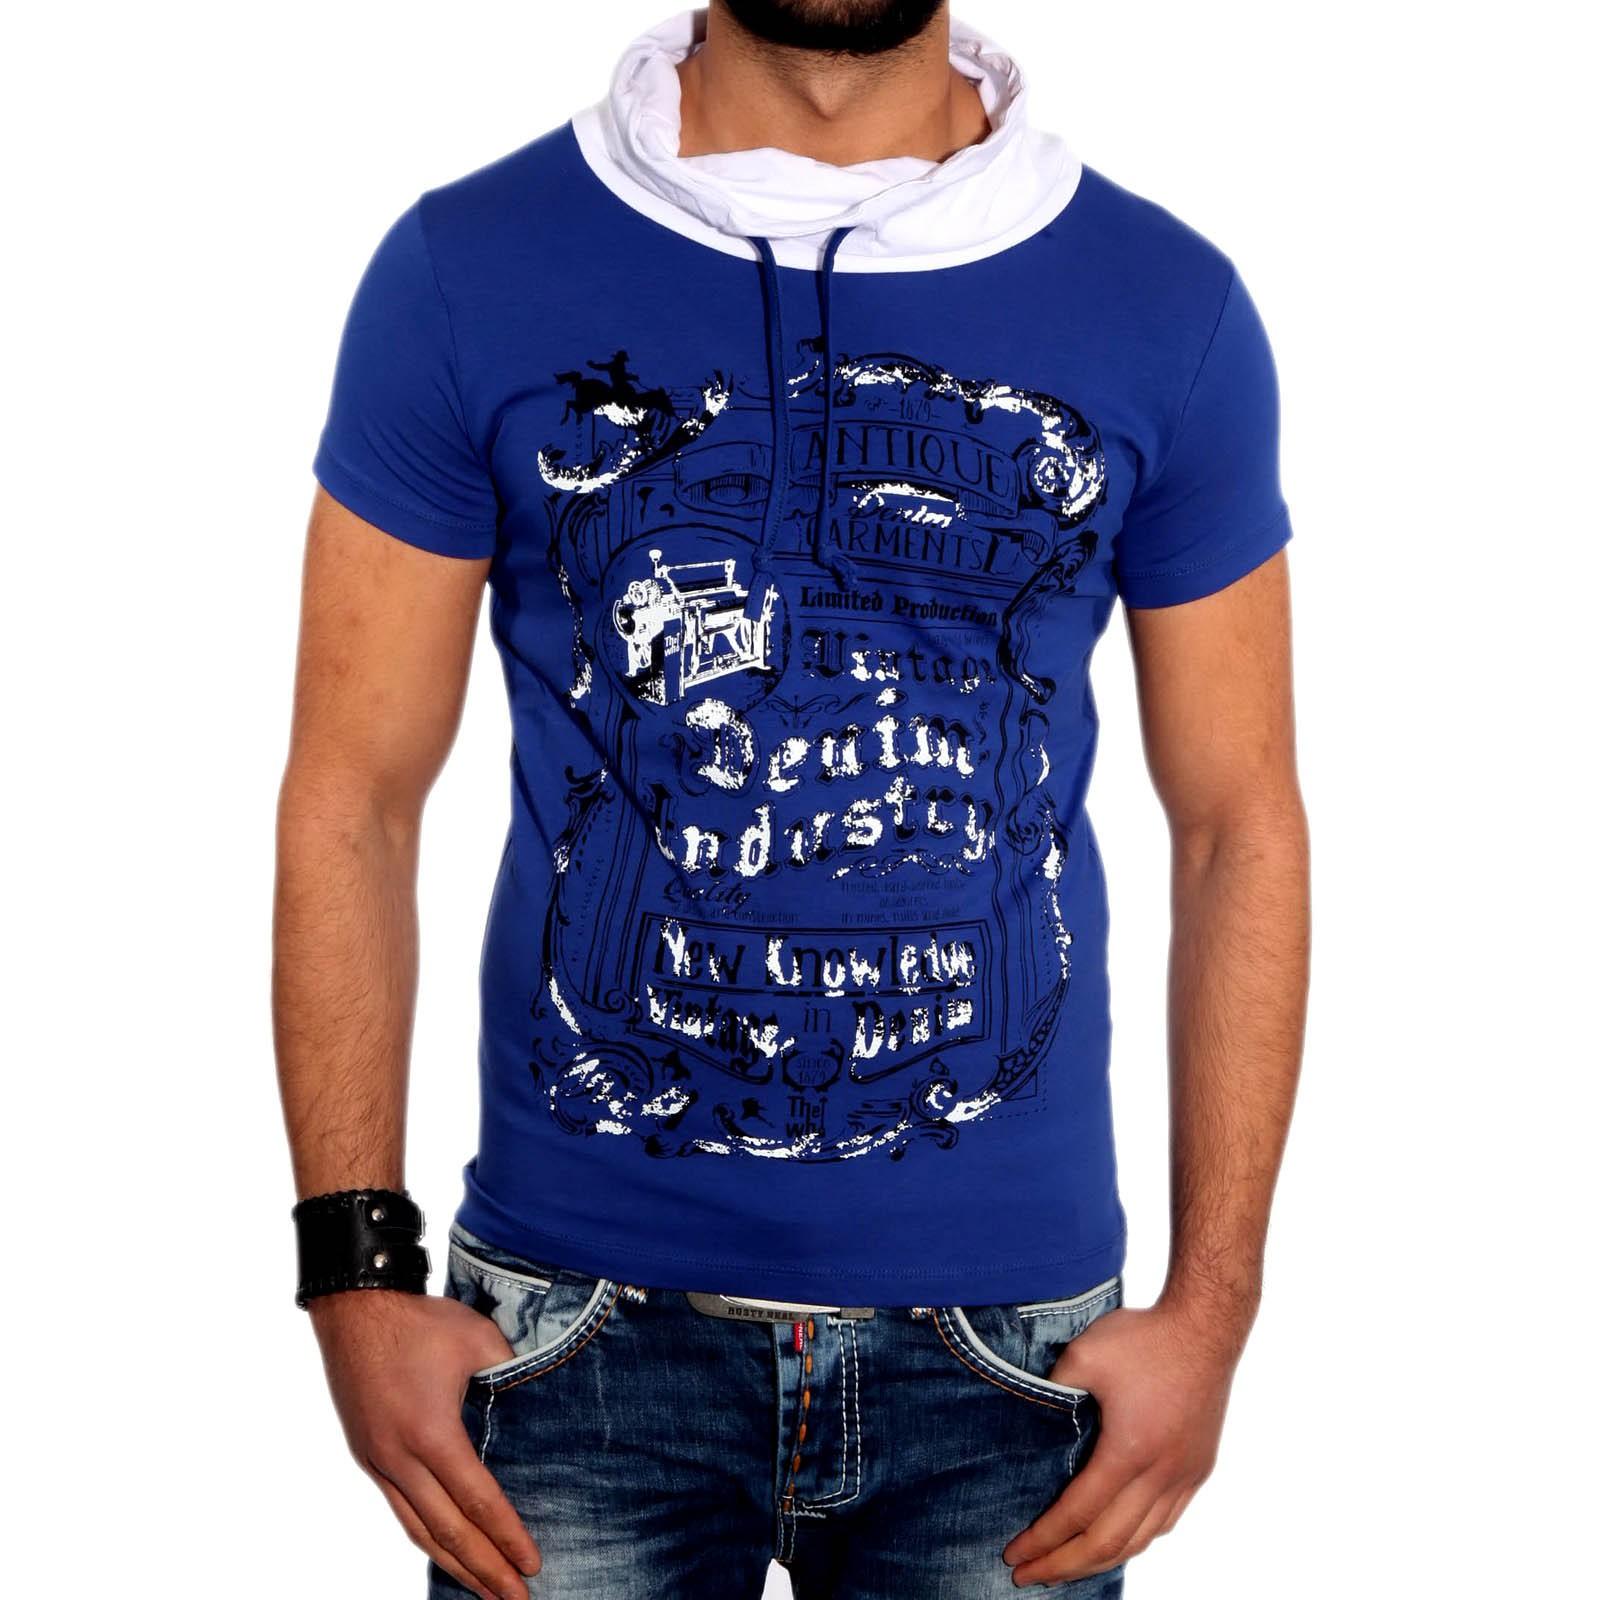 T-Shirt 6634 Rusty Neal